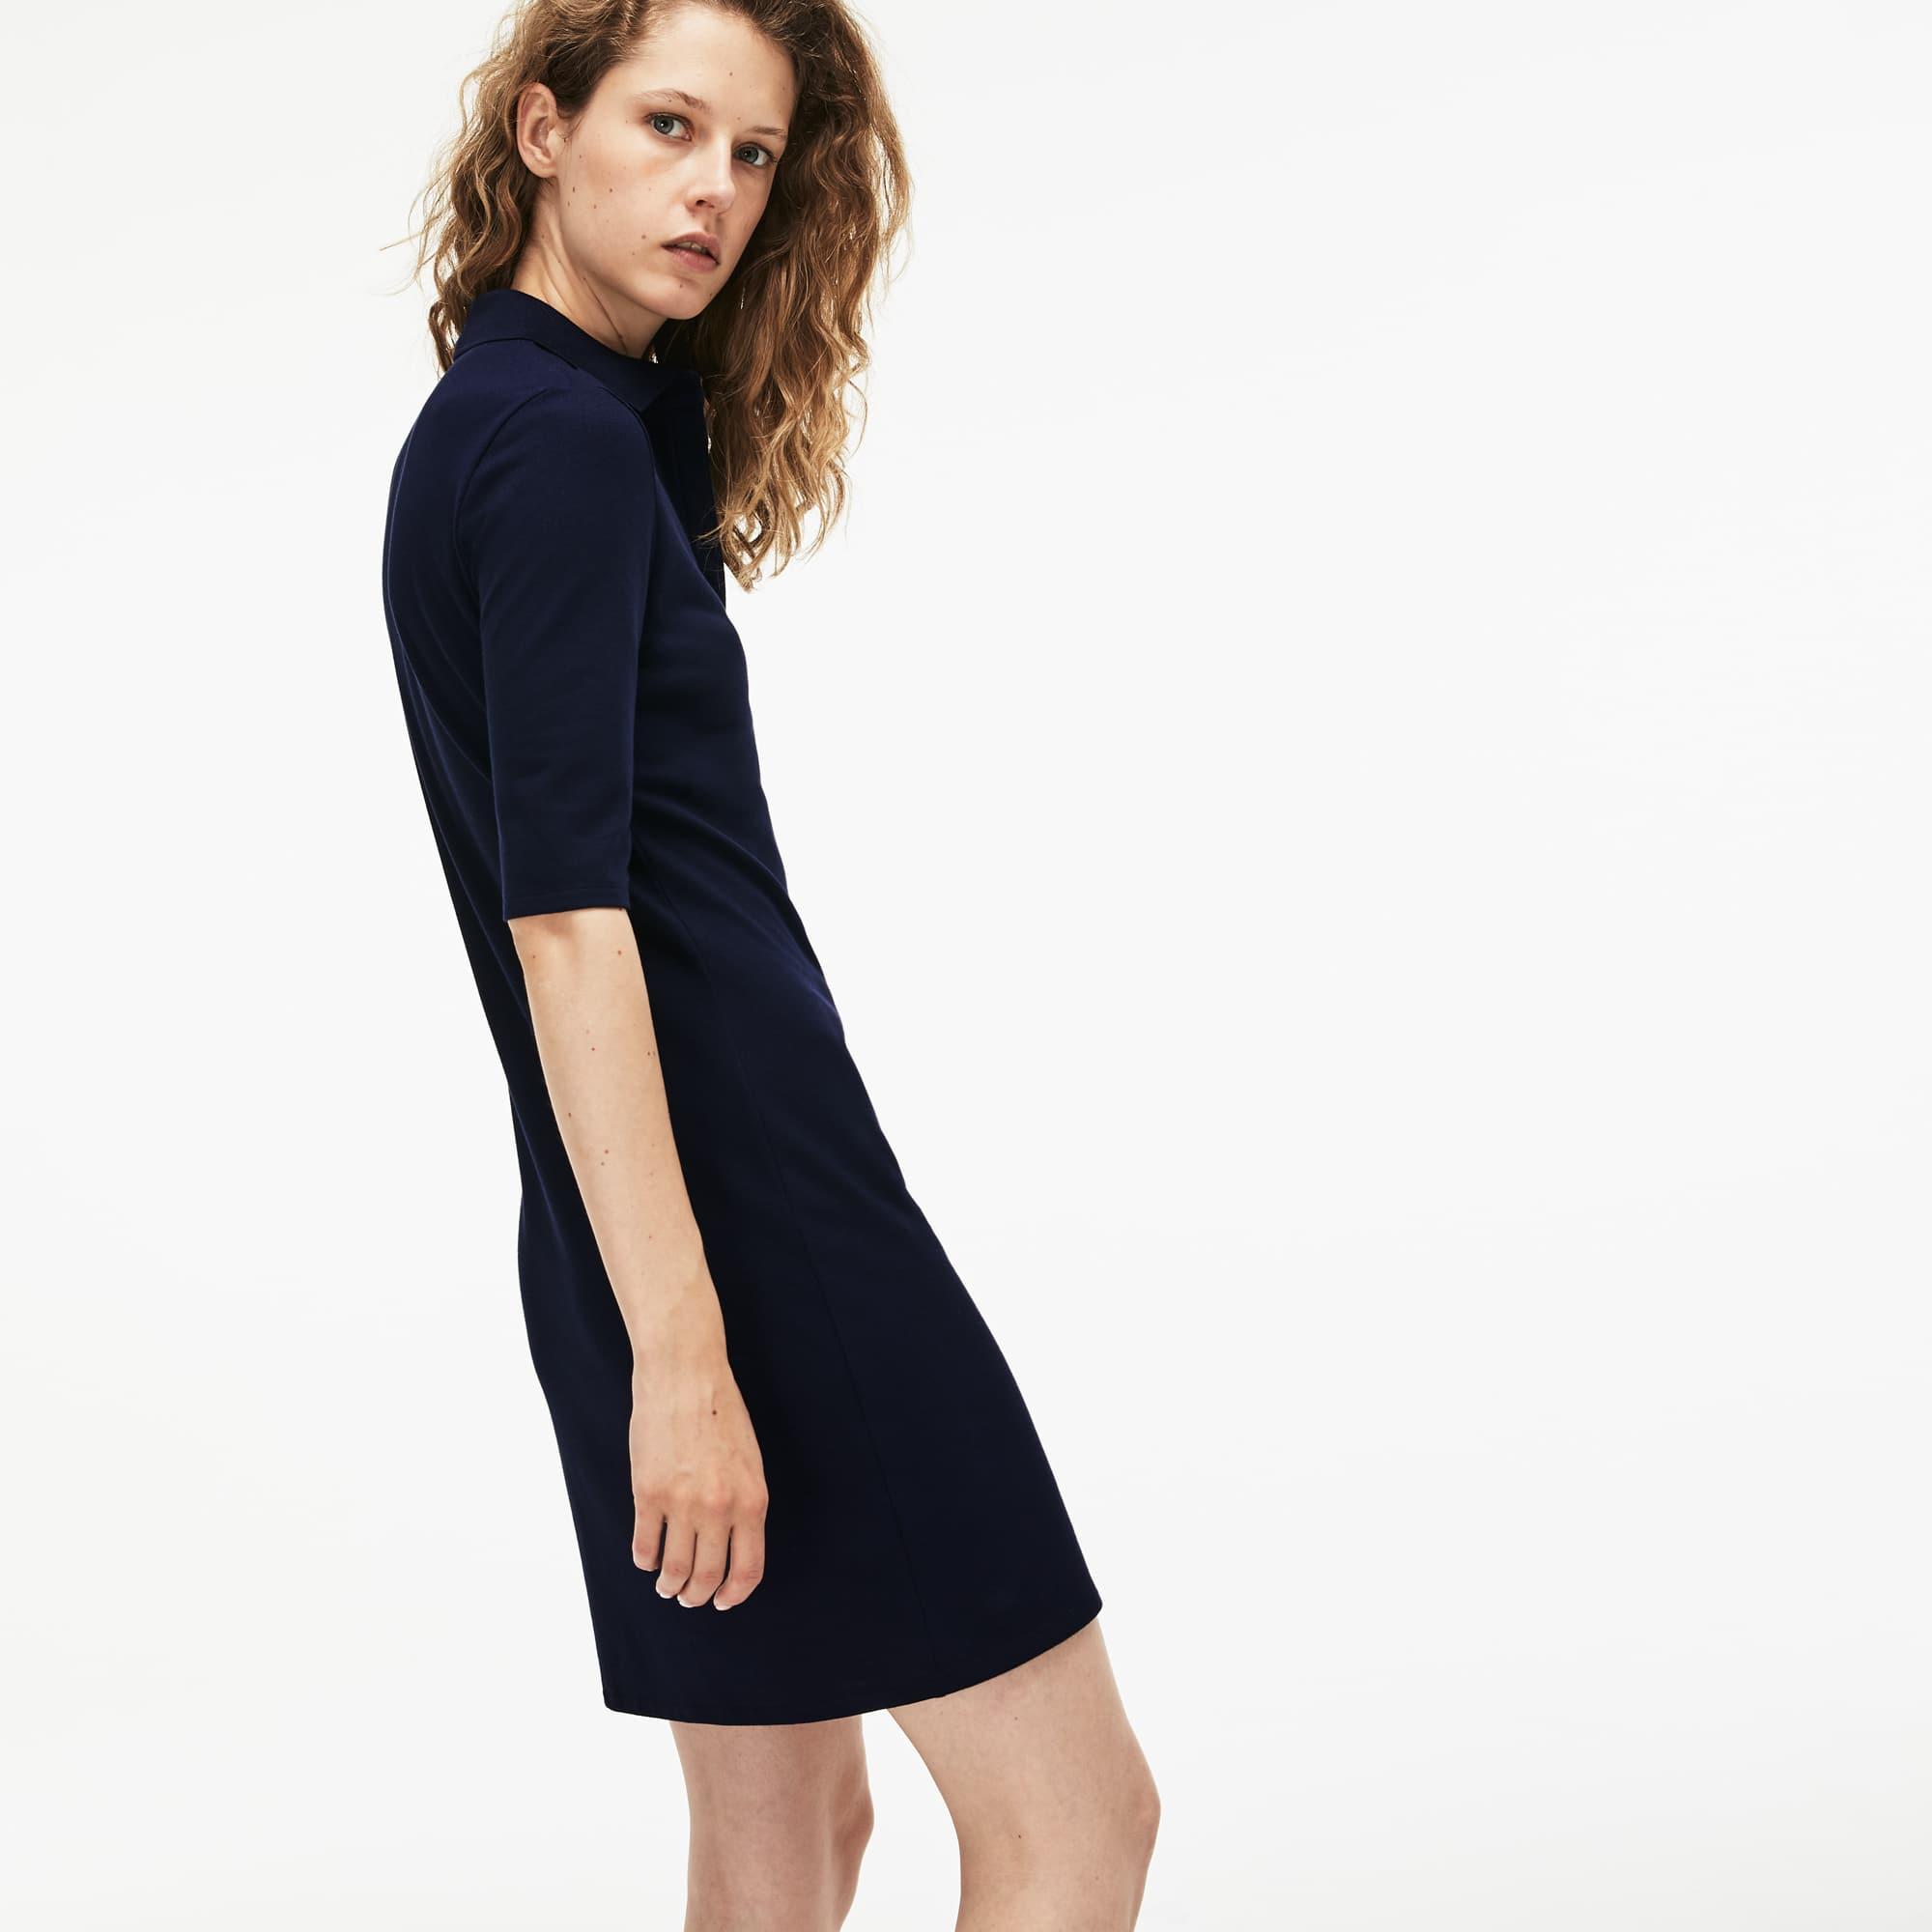 Lacoste - Slim Fit Damen-Polokleid aus Mini-Piqué mit Stretch - 2